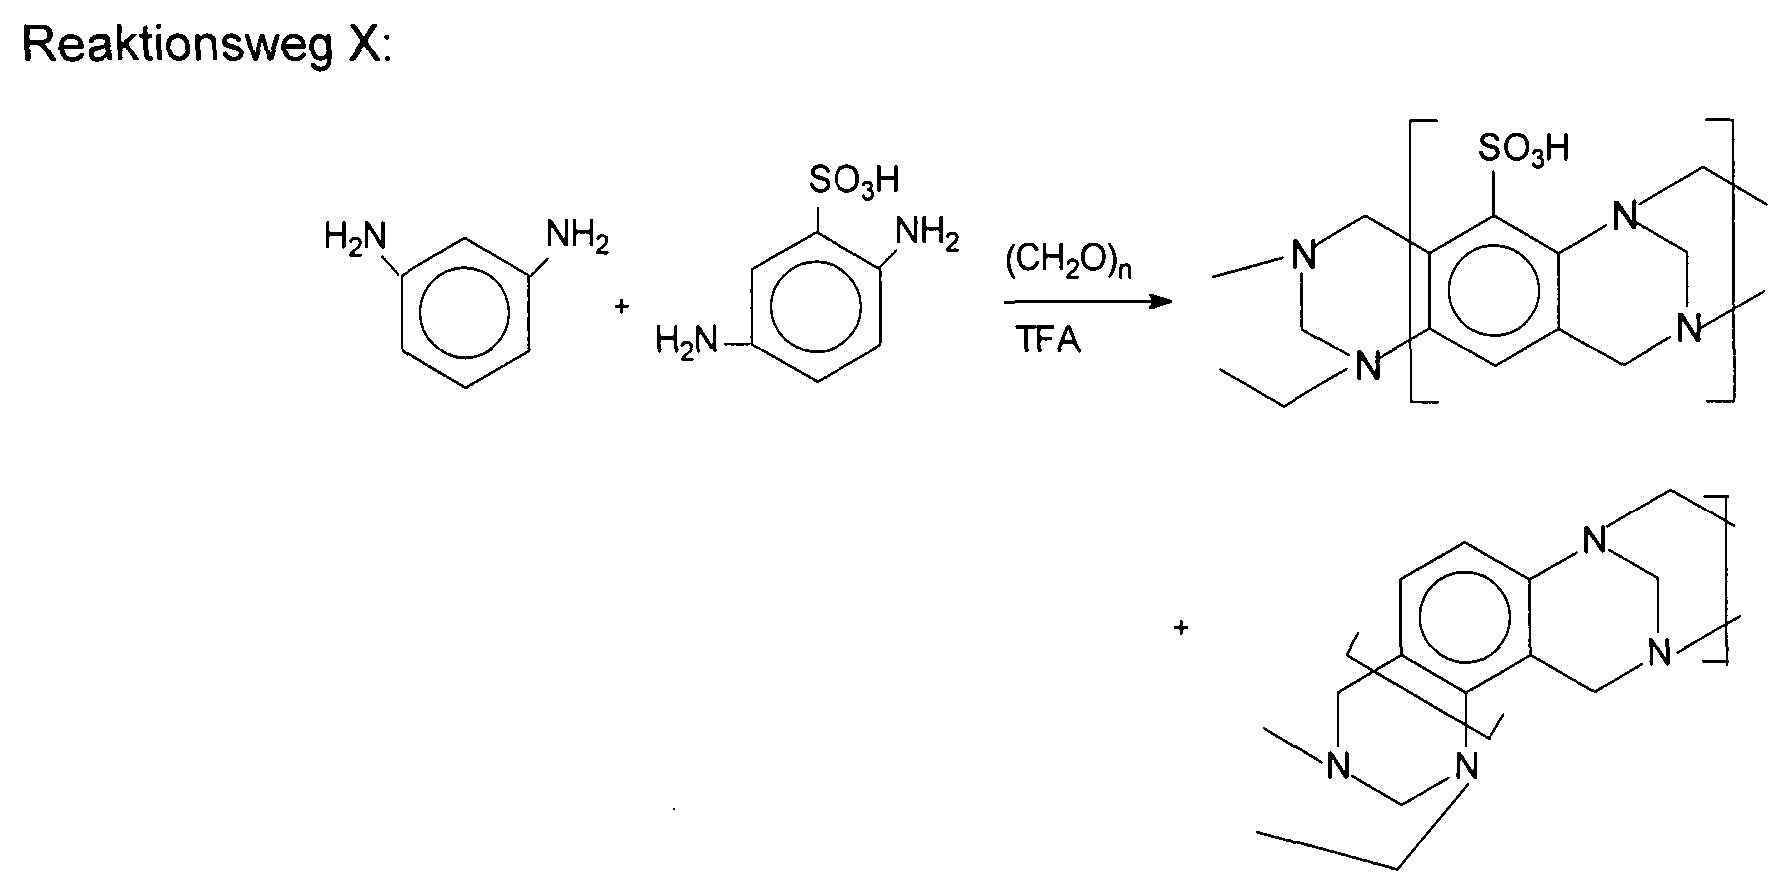 Figure DE112016005378T5_0026